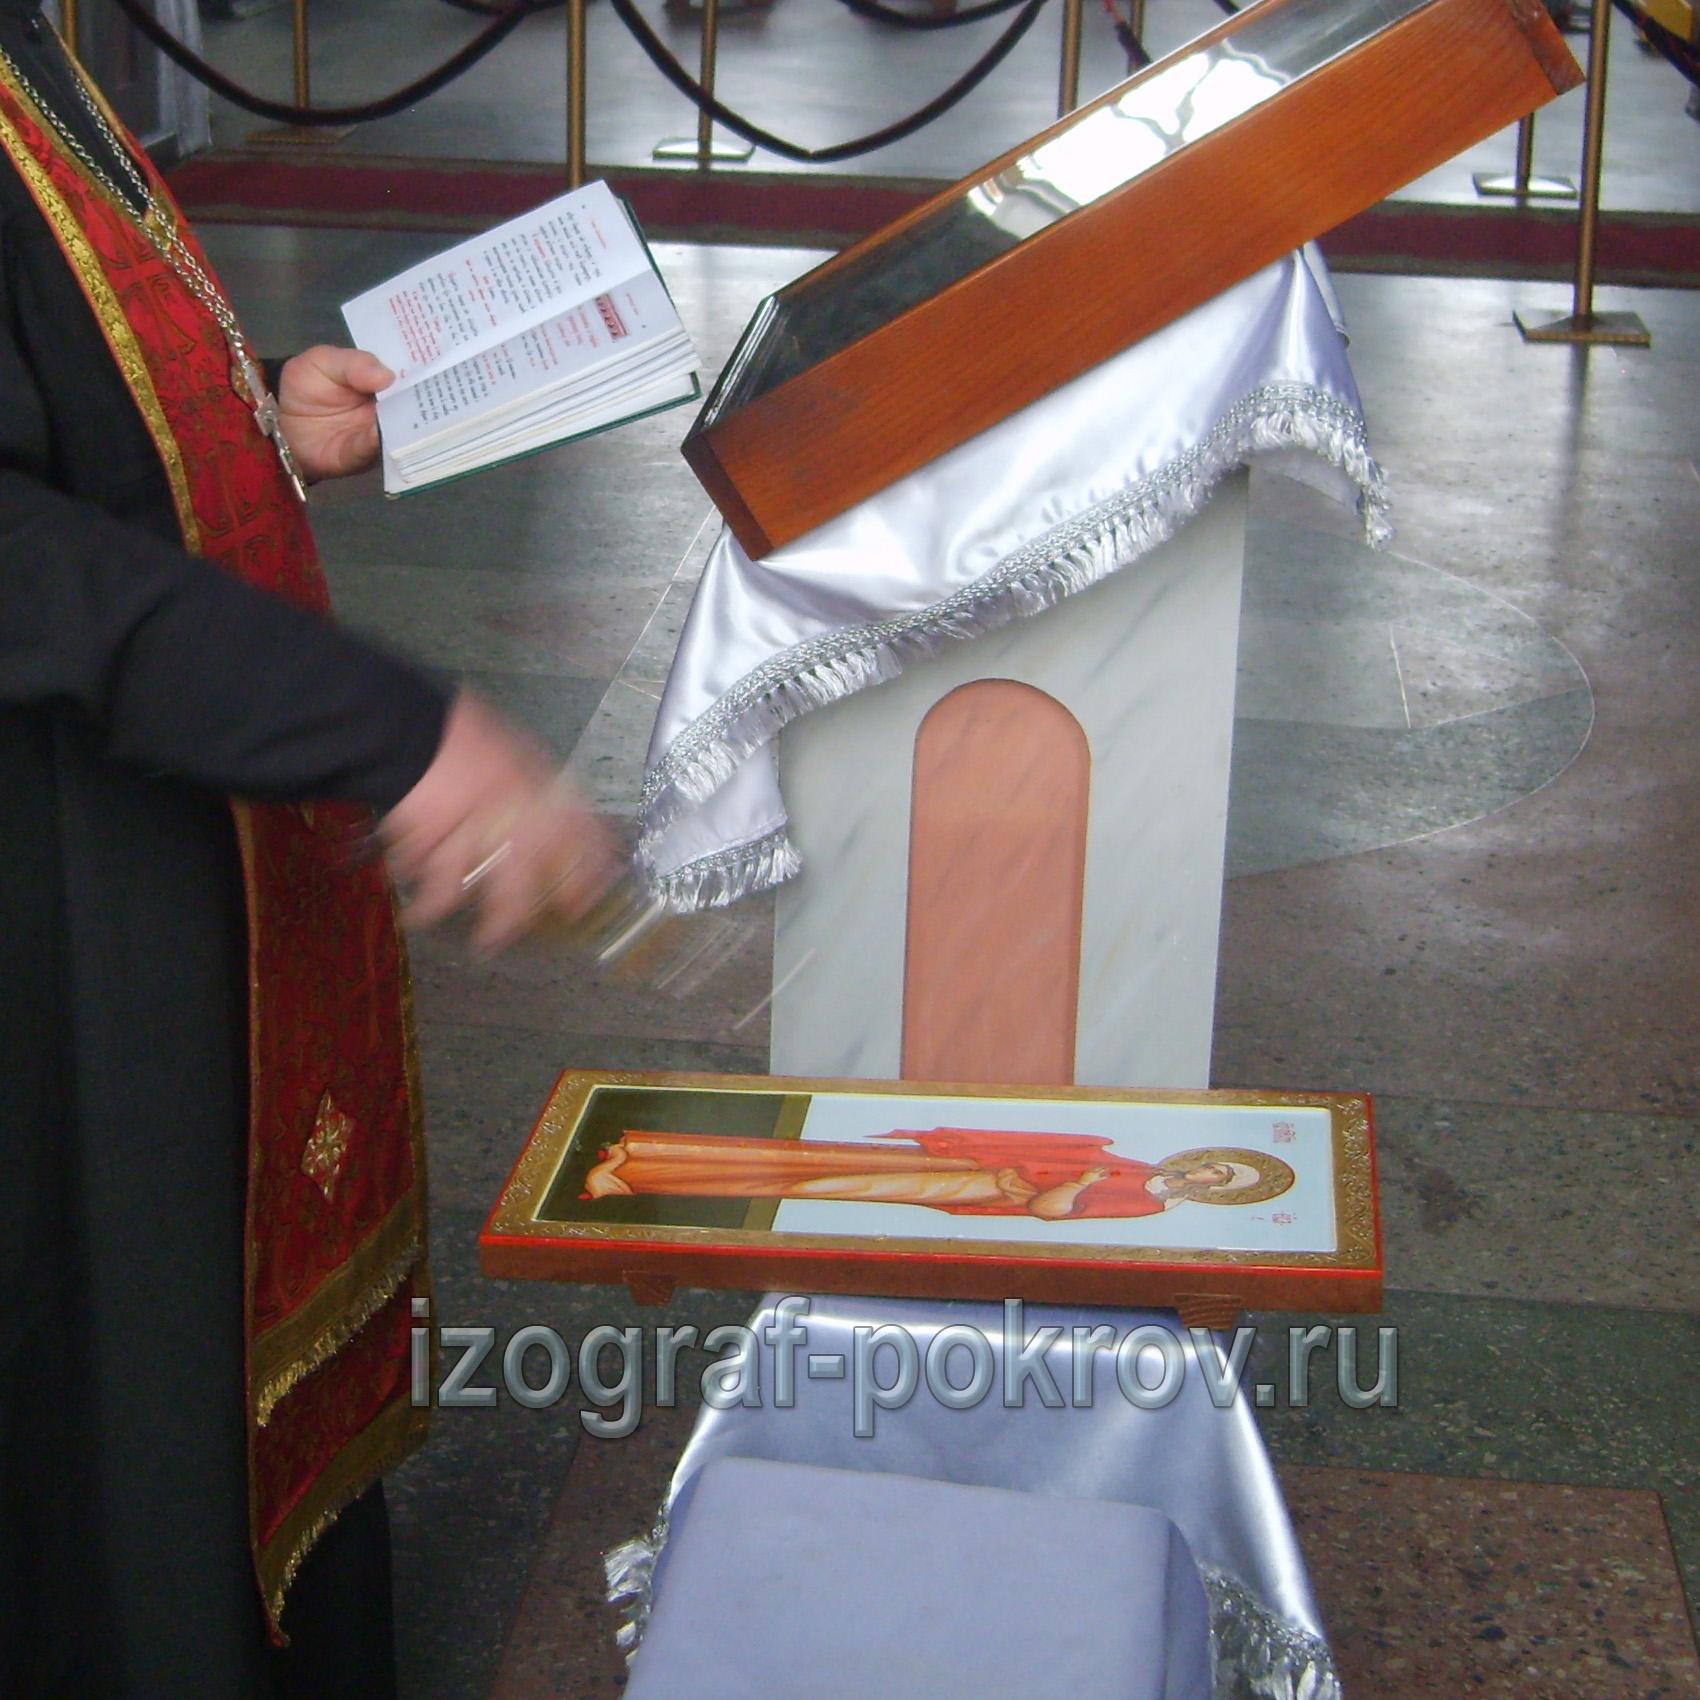 Икона Ева праматерь освящение в храме Покрова Пресвятой Богородицы